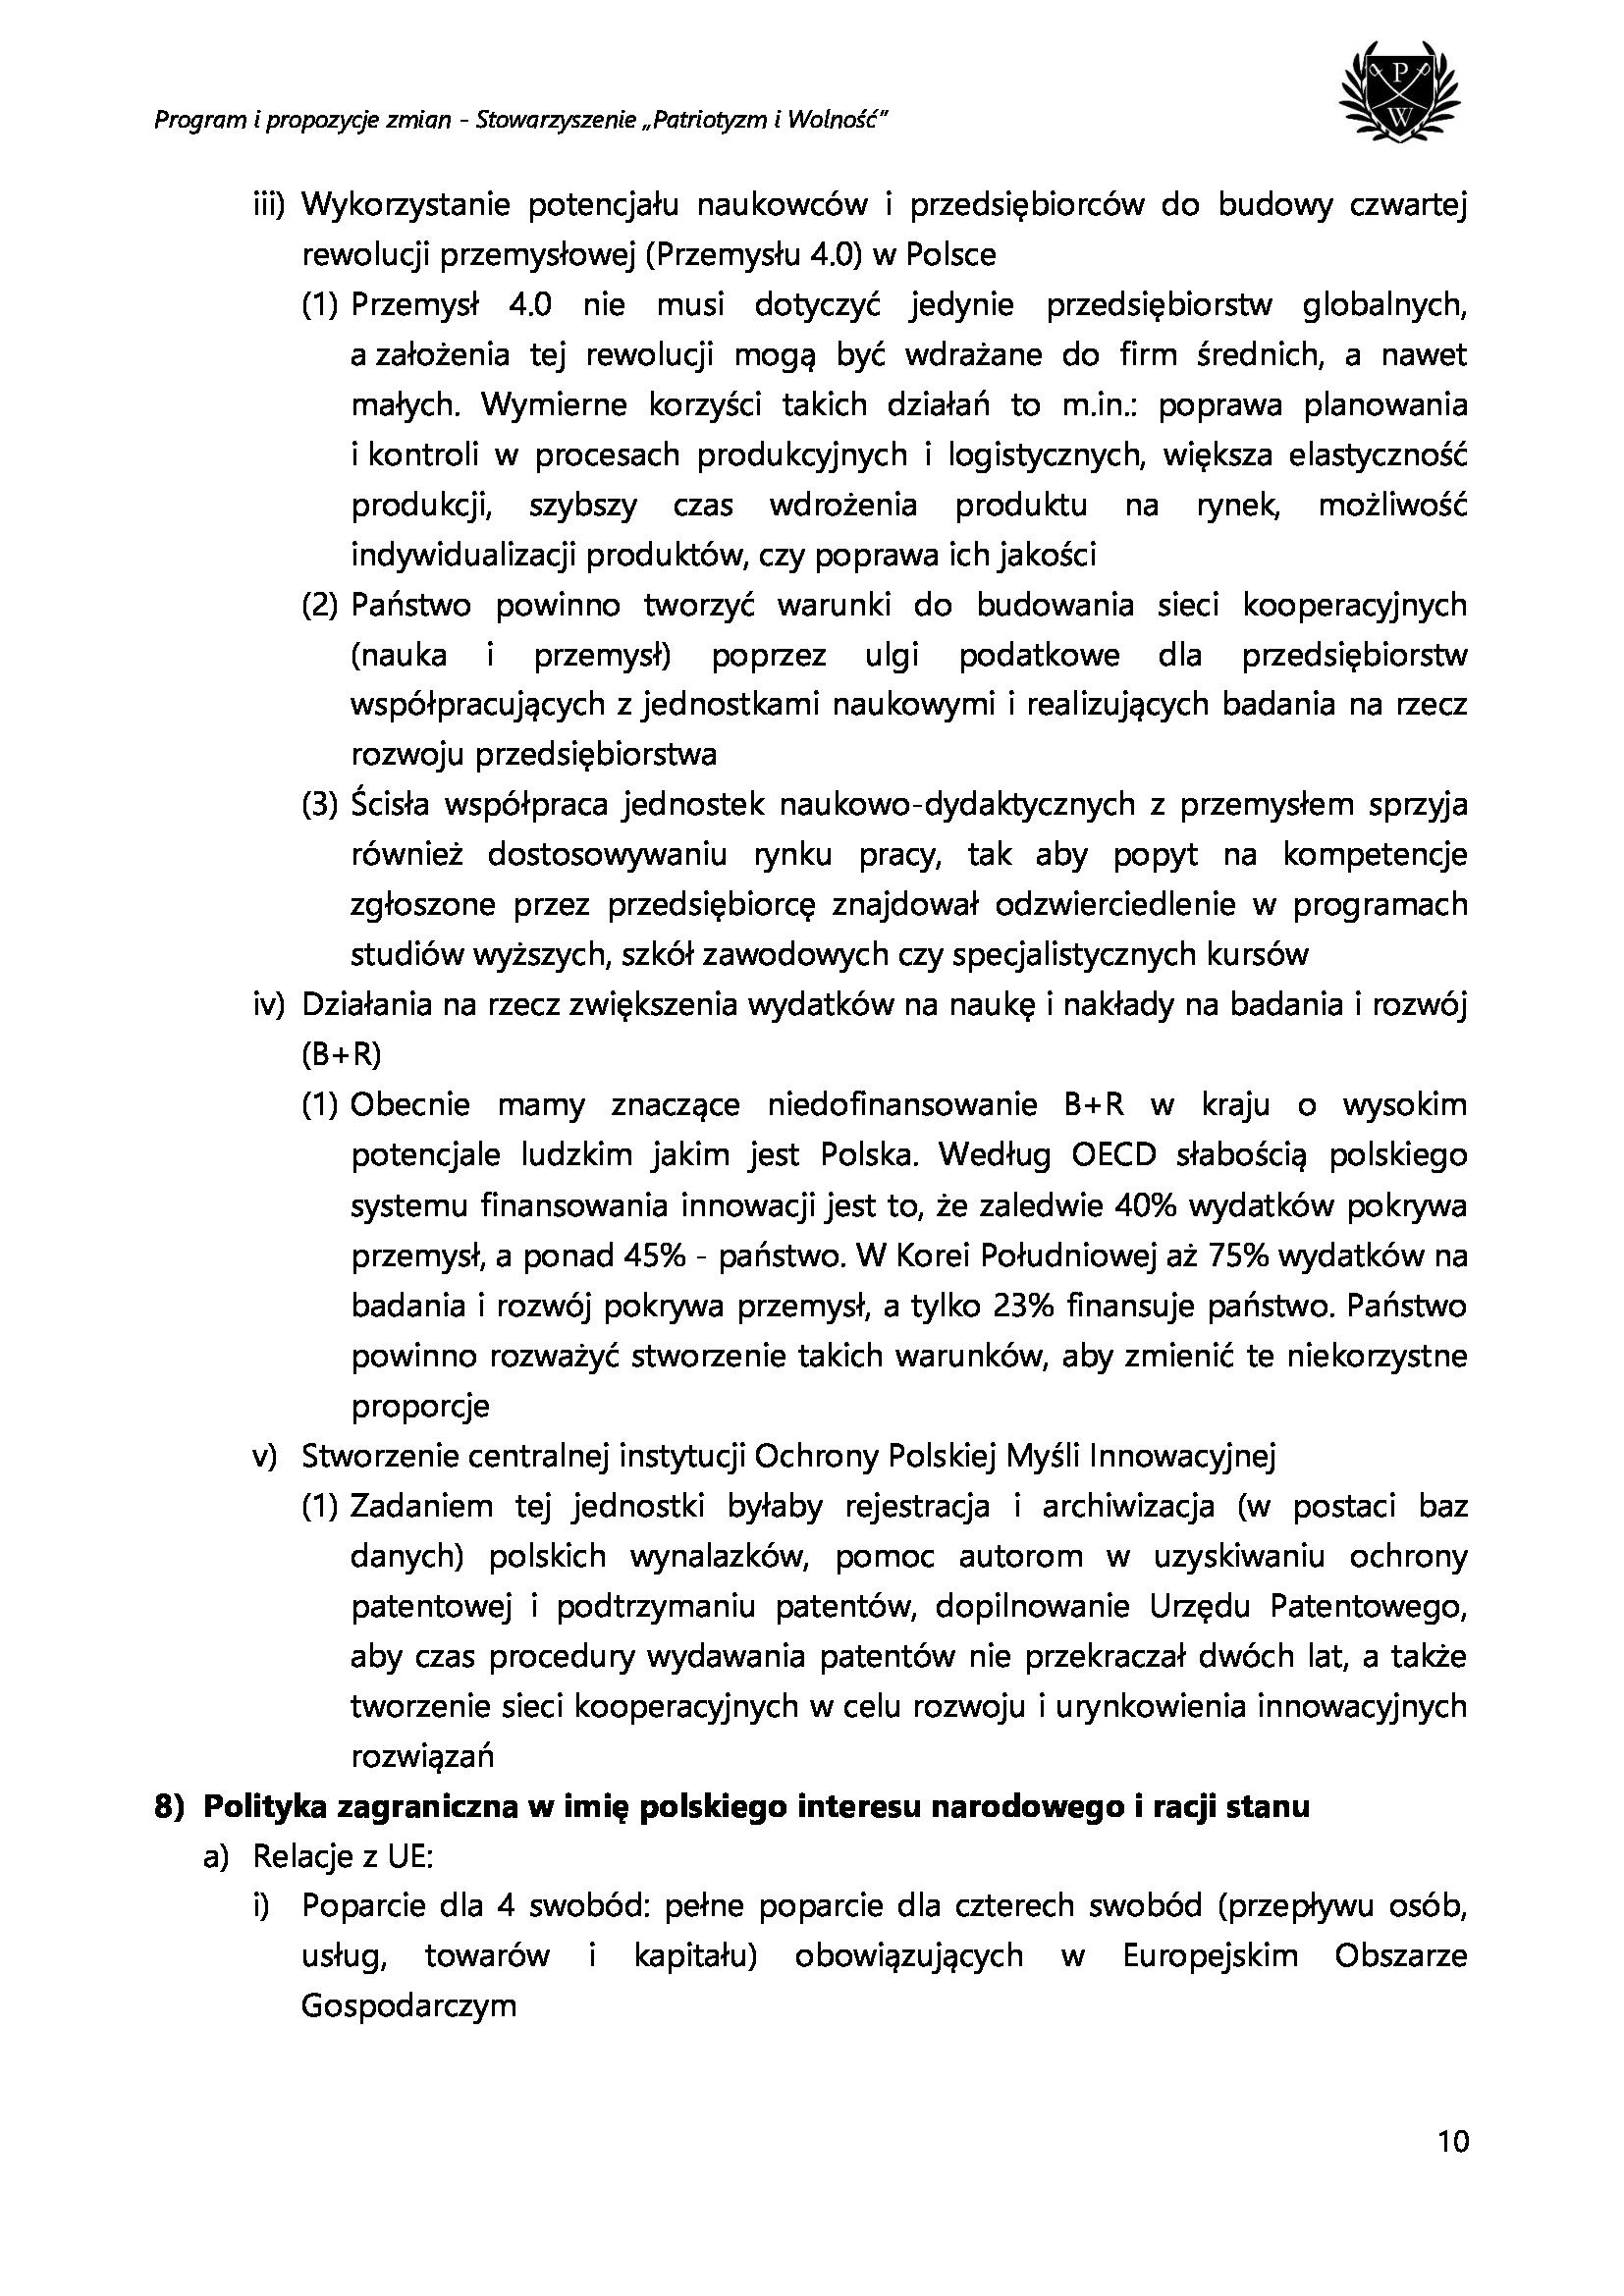 db9e272ef5a9a2e66d26f1905be6c507-10